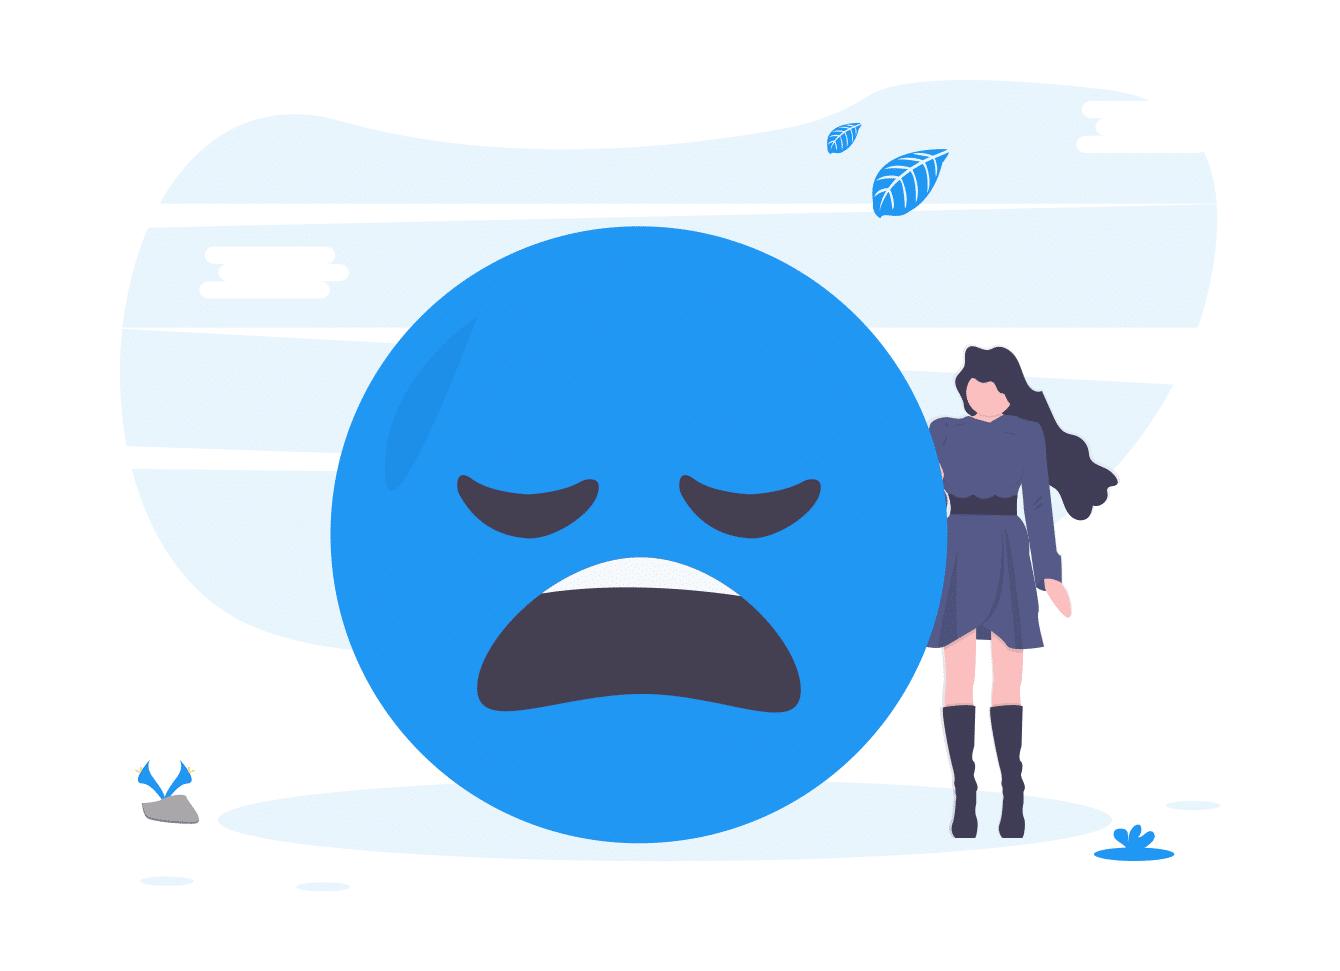 Le Blue Monday, qu'est-ce que c'est ?